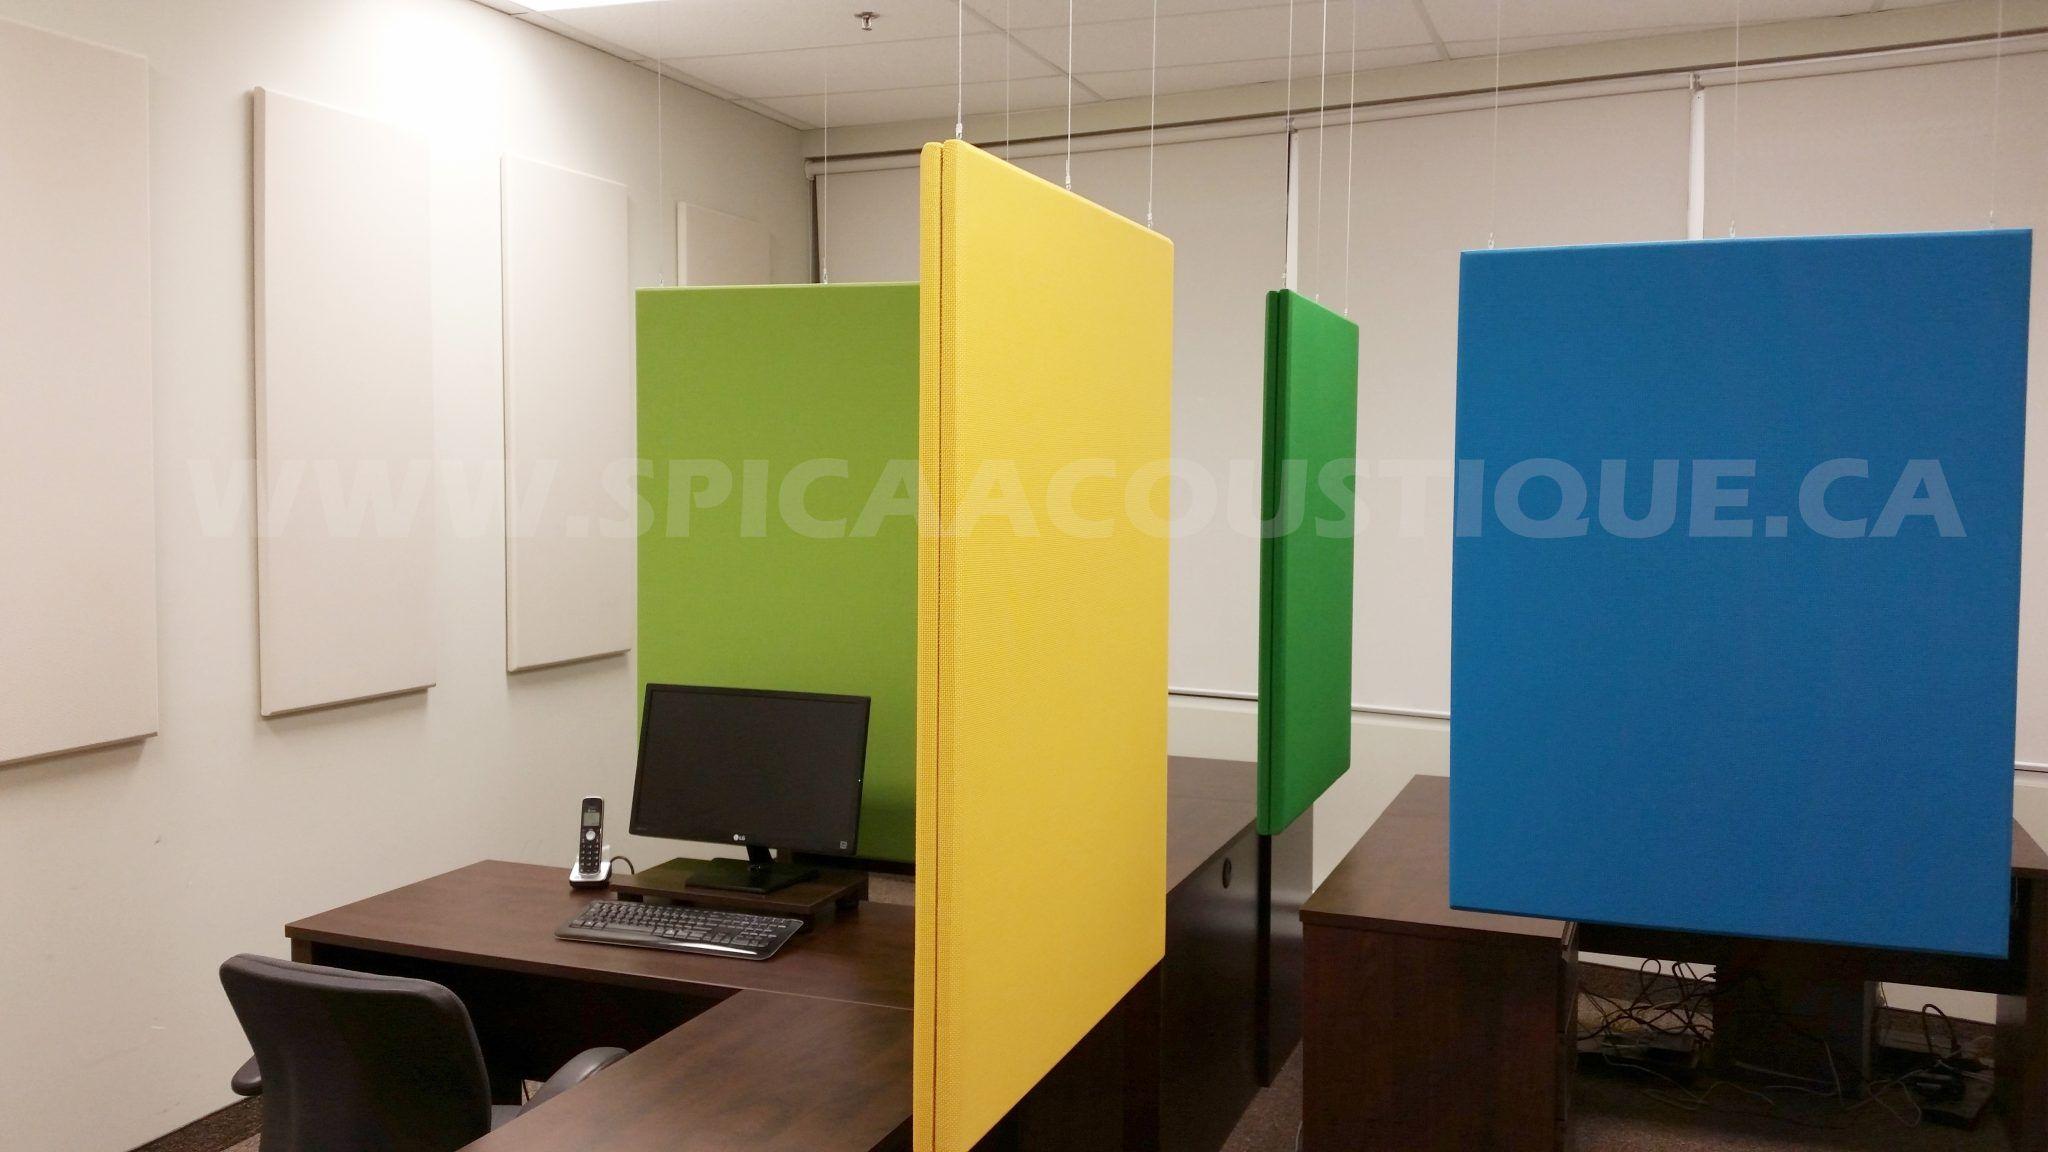 Realisations Spica Acoustique Panneaux Et Produits Acoustiques Traitement Acoustique Separateurs Acoustiques Gobo S Domrex Phar Home Decor Desk Decor